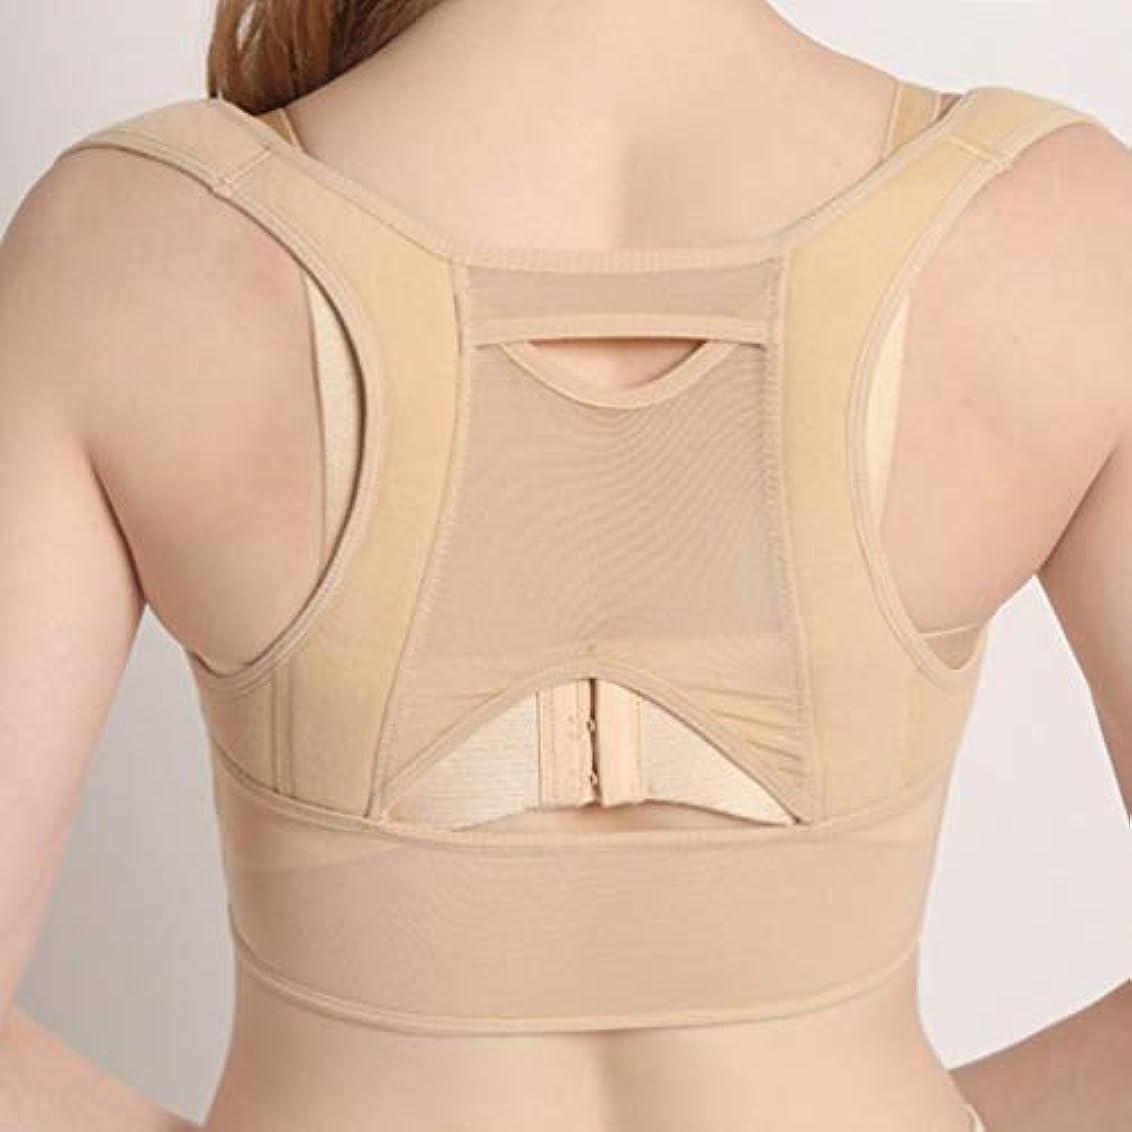 大混乱鉱石眠いです通気性のある女性の背中の姿勢矯正コルセット整形外科の肩の背骨の姿勢矯正腰椎サポート - ベージュホワイトM